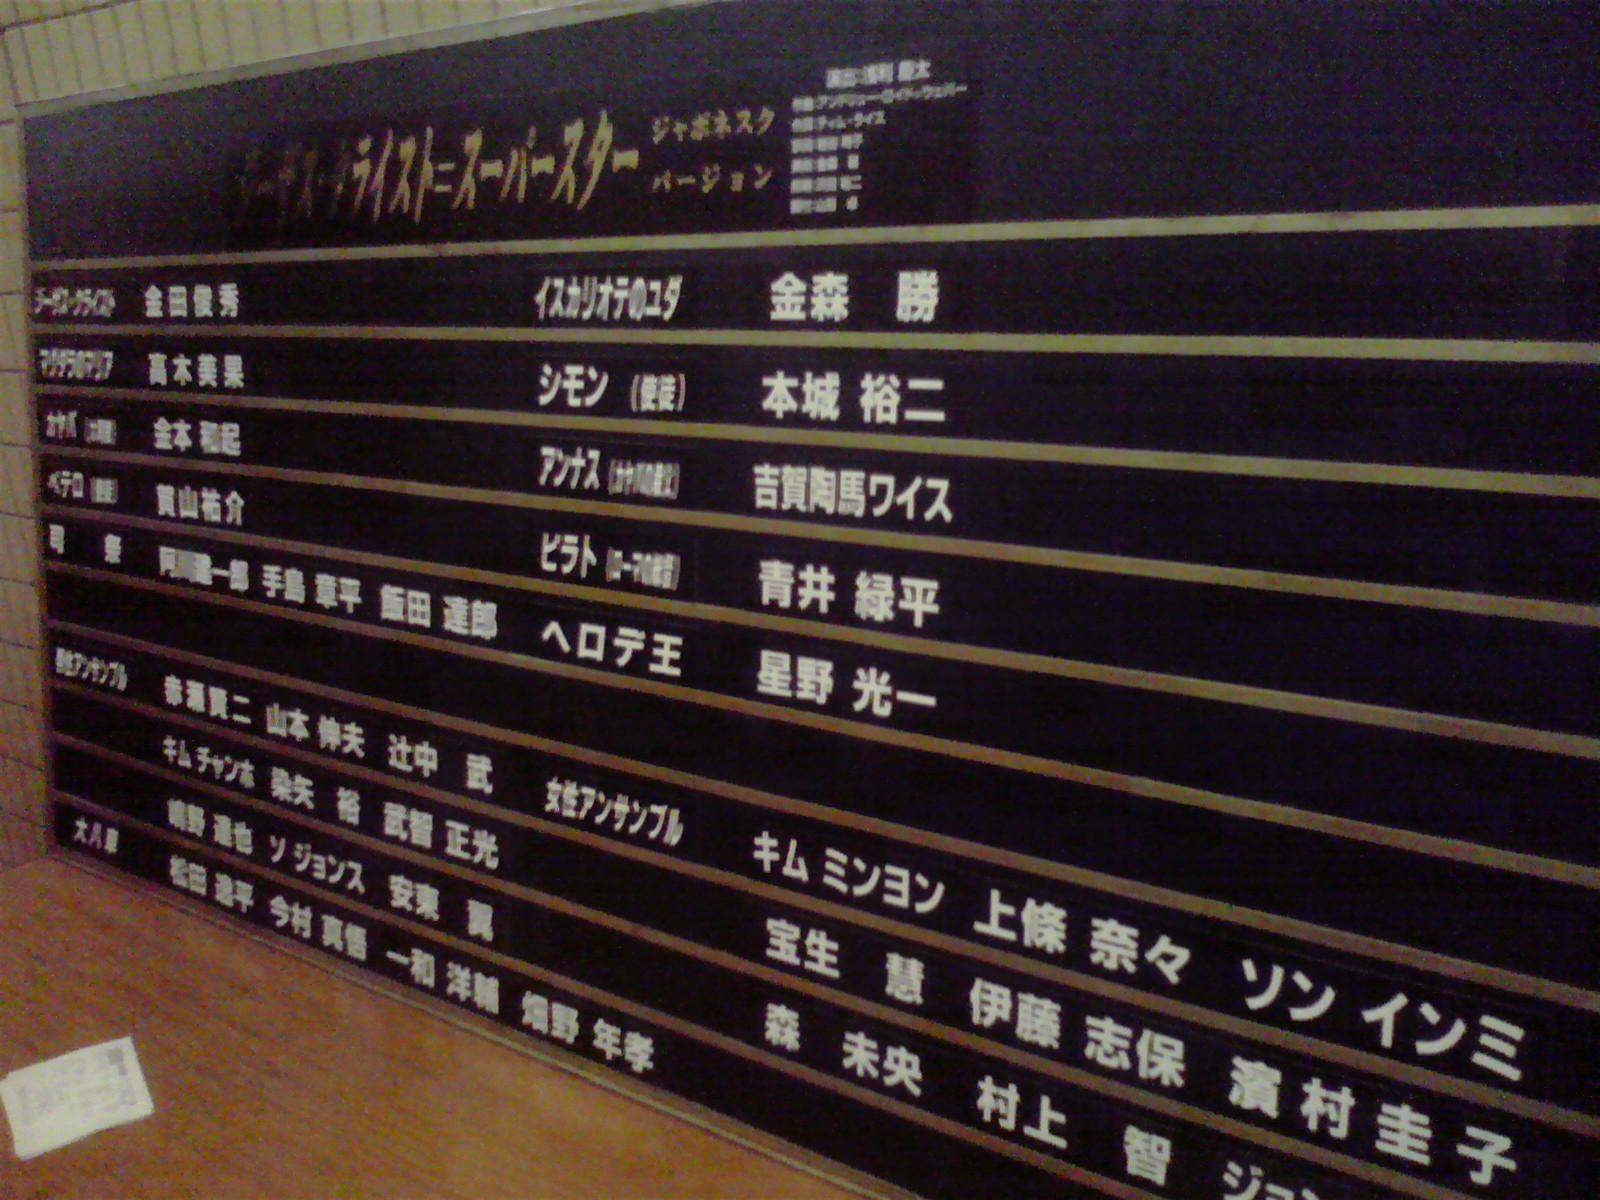 劇団四季『ジーザス・クライスト=スーパースター[ジャポネスク・バージョン]福井公演』に行ってきました